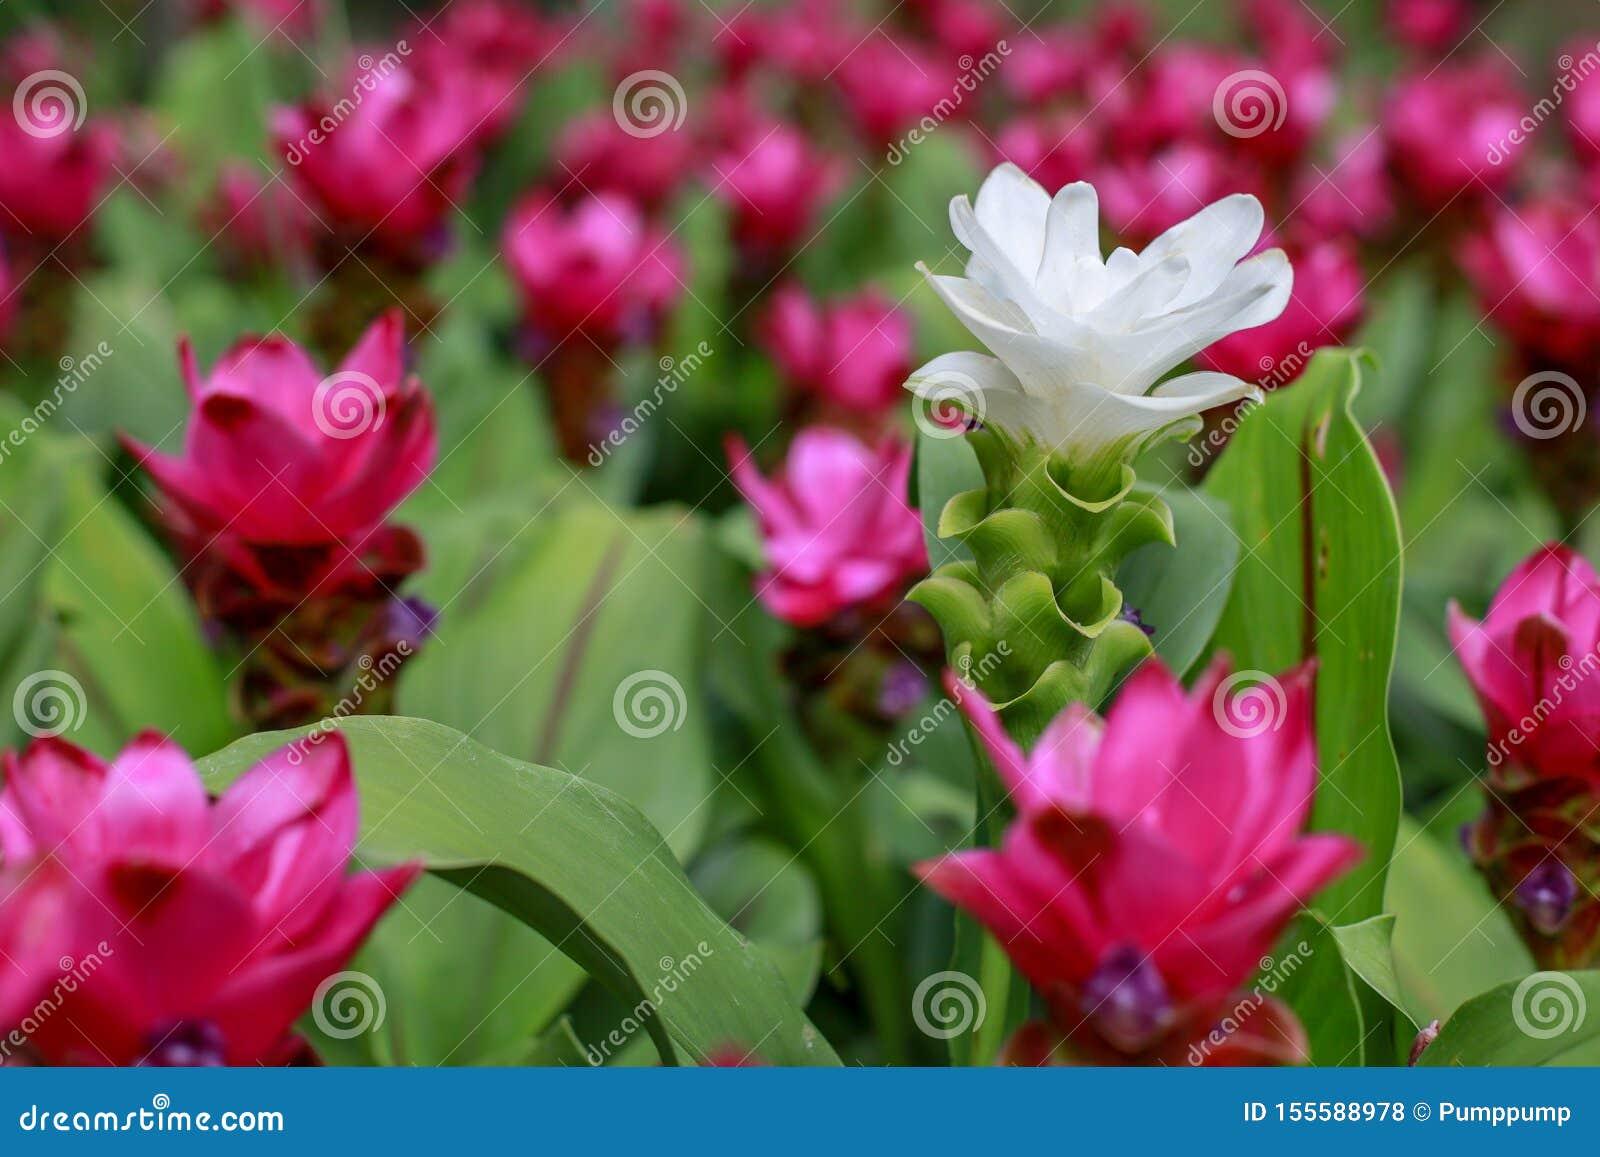 Fim acima das flores brancas de Krachiew no fundo cor-de-rosa da flor na natureza